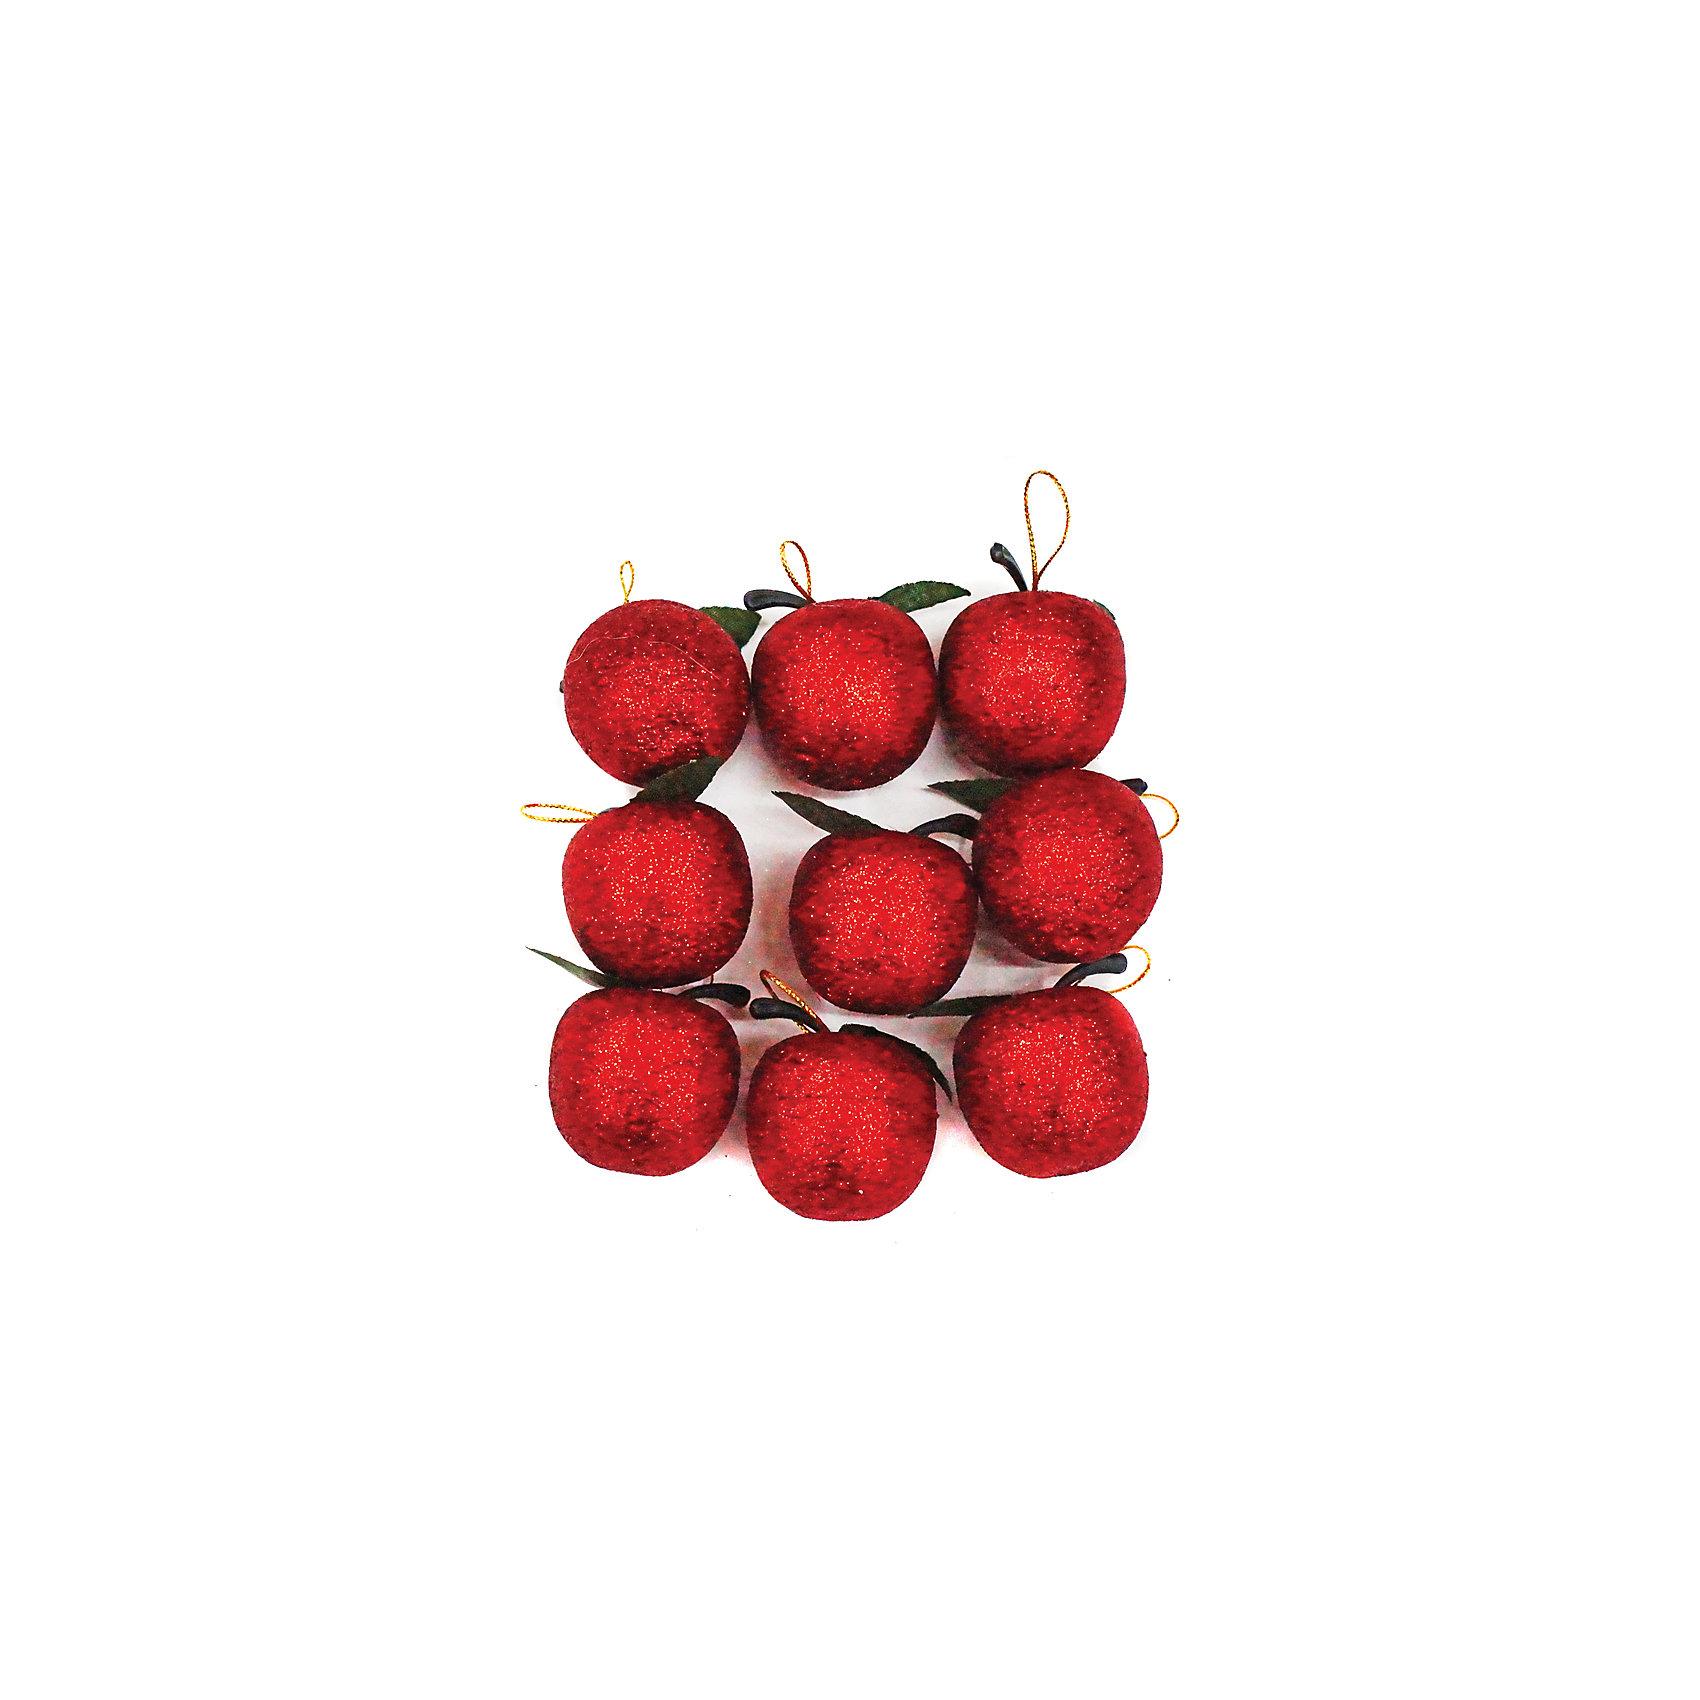 Набор подвесок Яблоко 3,5 см, 9 шт, красныеВсё для праздника<br>Набор подвесок красного цвета Яблоко украсит ваш интерьер и придаст ему новогоднее настроение.Размер подвески 3,5 см. В наборе9 шт<br><br>Ширина мм: 125<br>Глубина мм: 160<br>Высота мм: 35<br>Вес г: 24<br>Возраст от месяцев: 36<br>Возраст до месяцев: 420<br>Пол: Унисекс<br>Возраст: Детский<br>SKU: 5078442